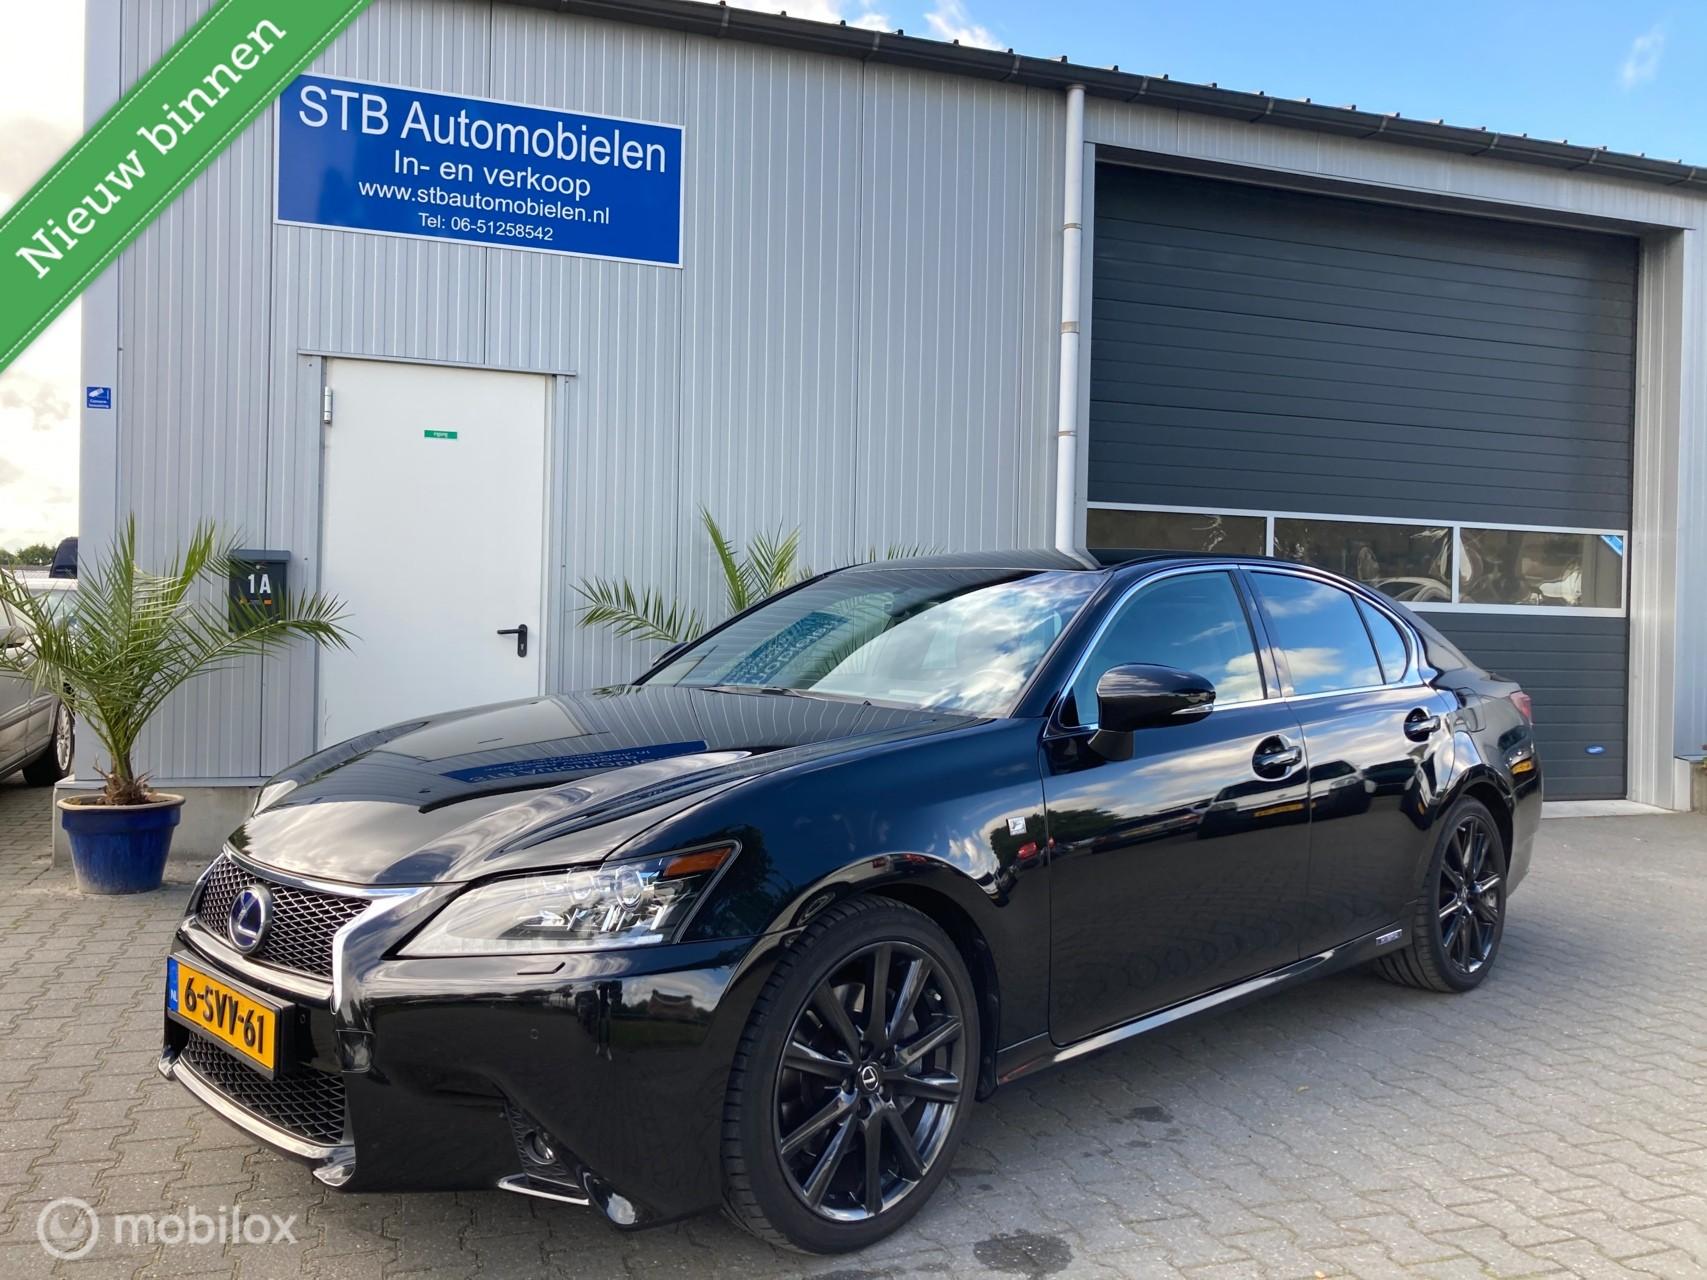 Lexus GS 300h F Sport Line, Volledig dealer onderhouden